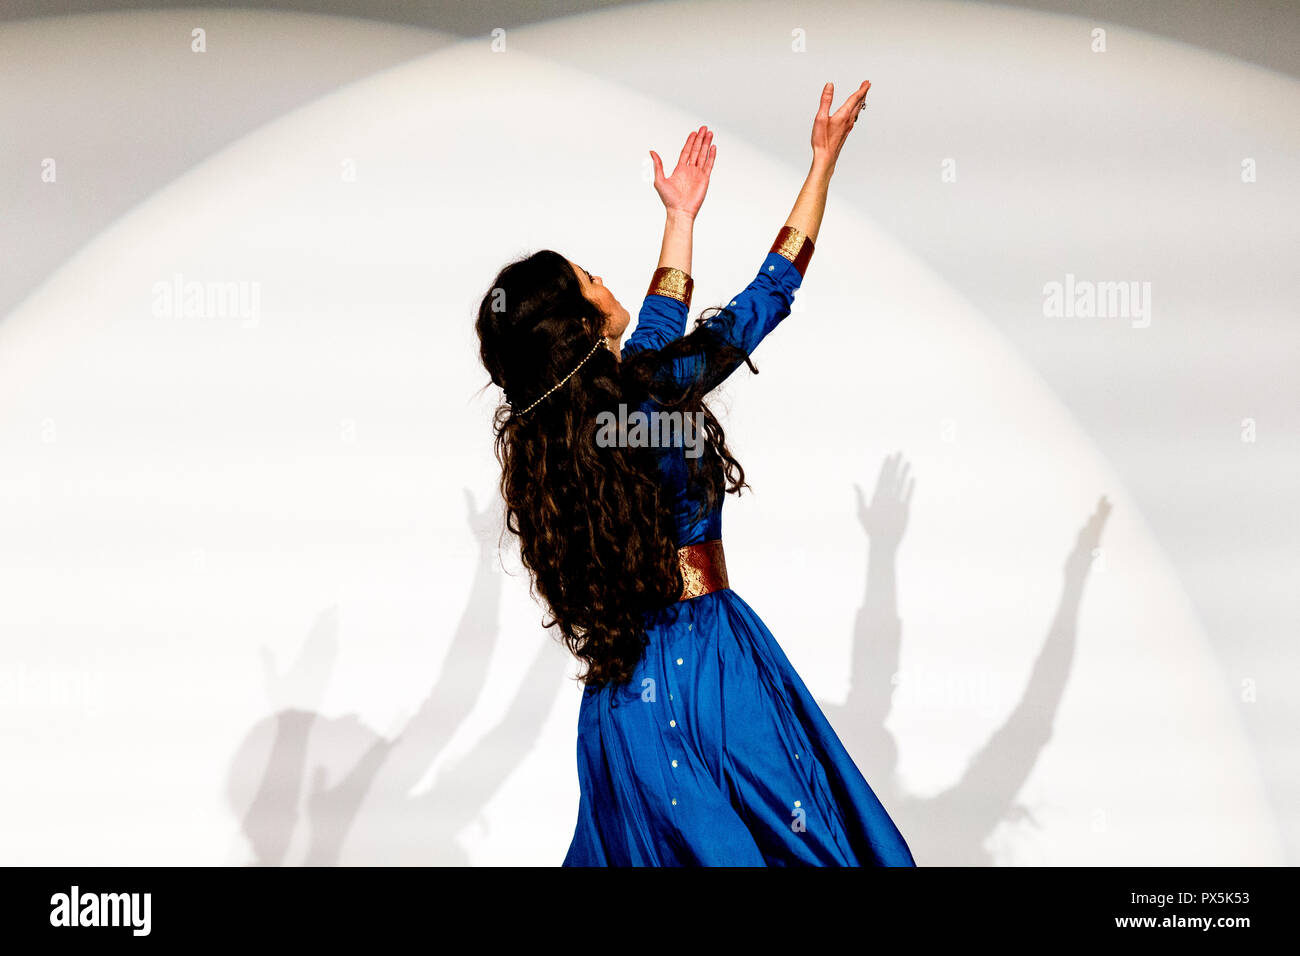 Dancer Kawtar Kel performing in Paris, France. - Stock Image